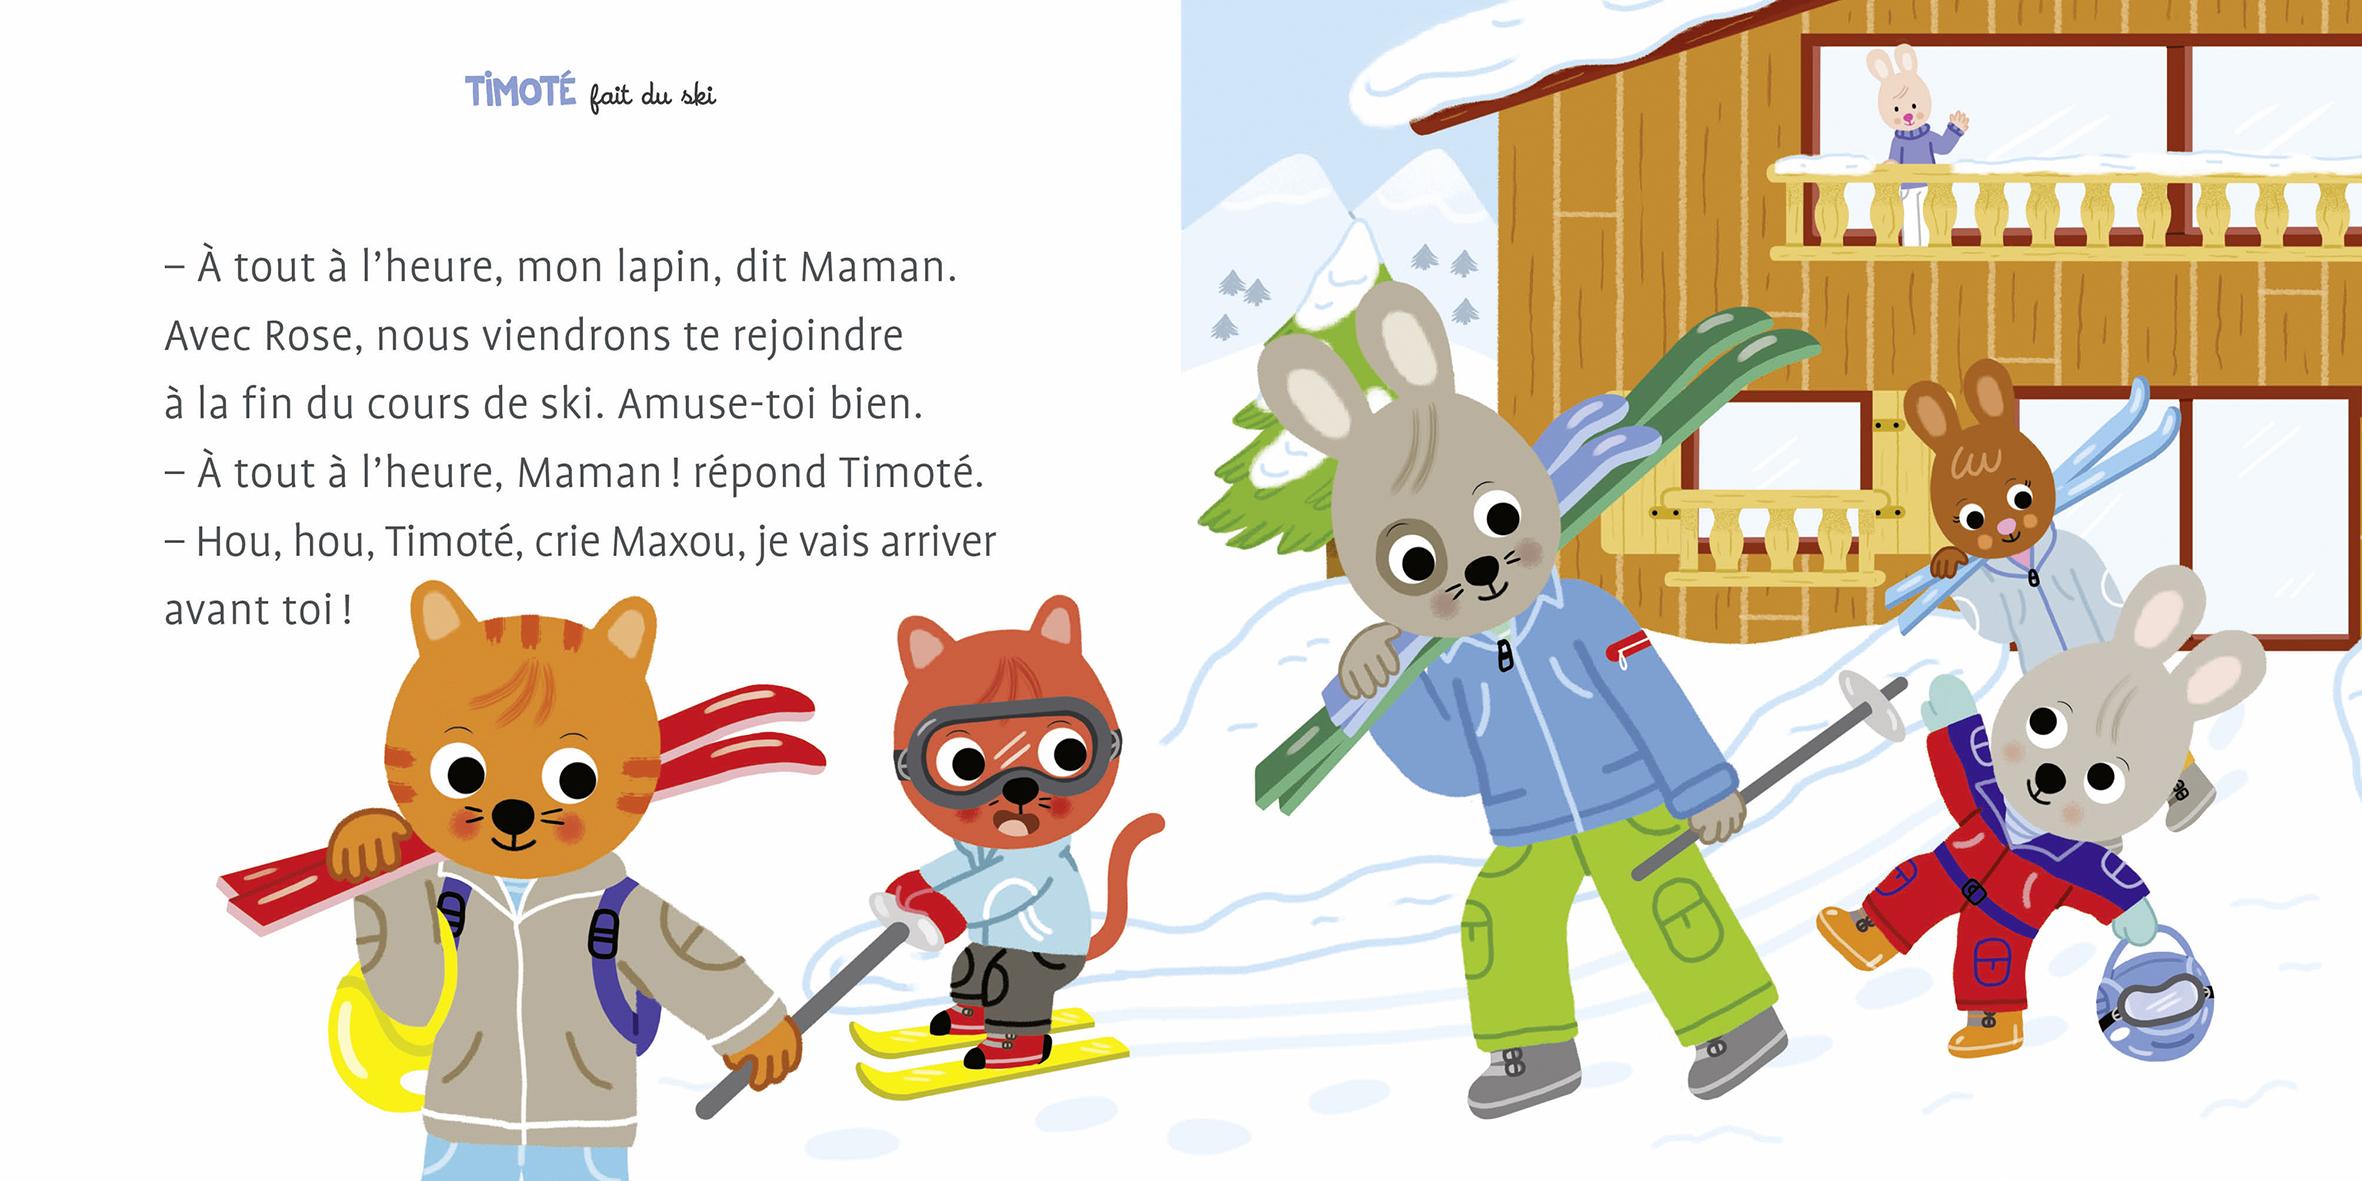 timoté fait du ski planche 1